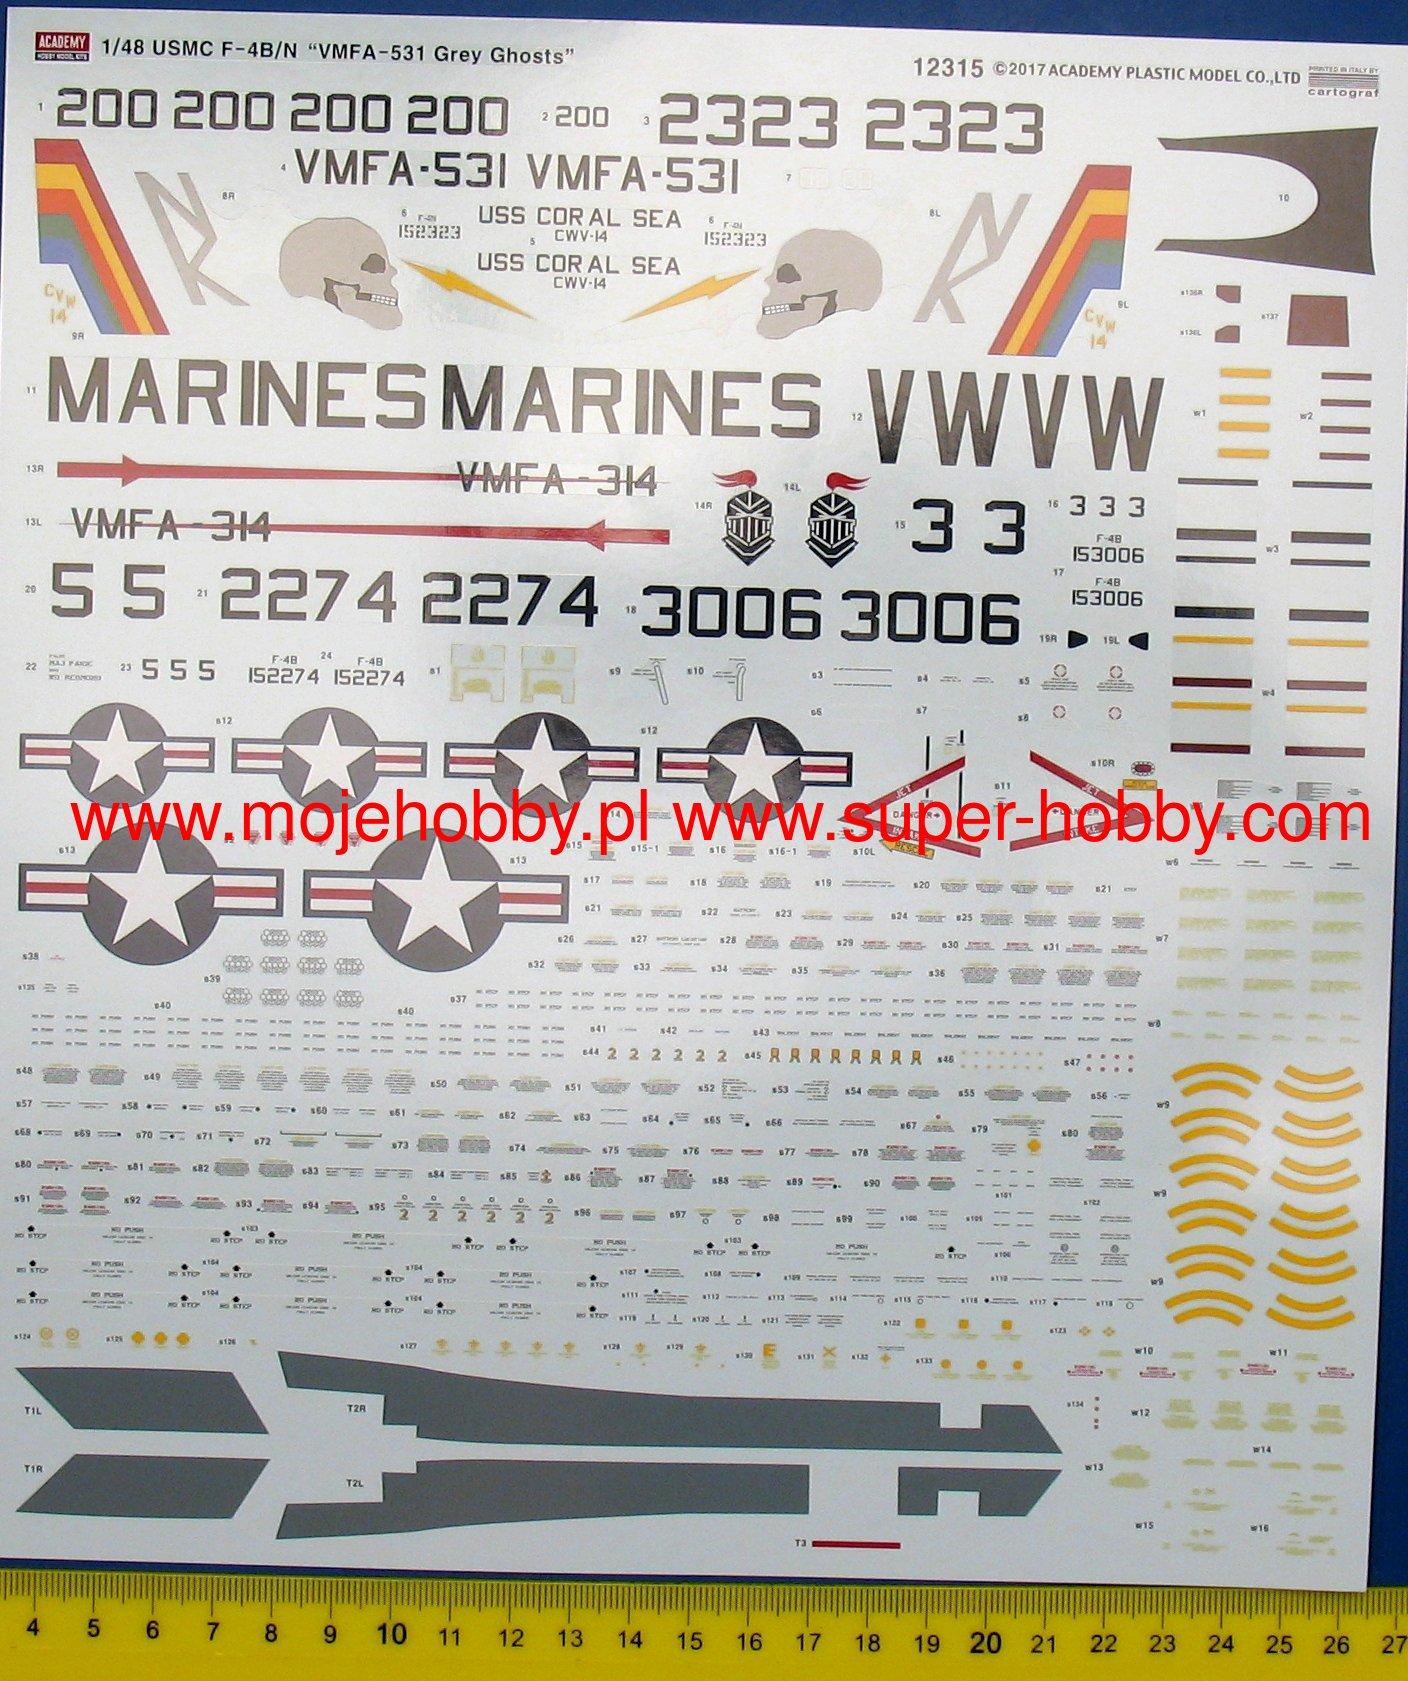 USMC F-4B/N VMFA-531 \